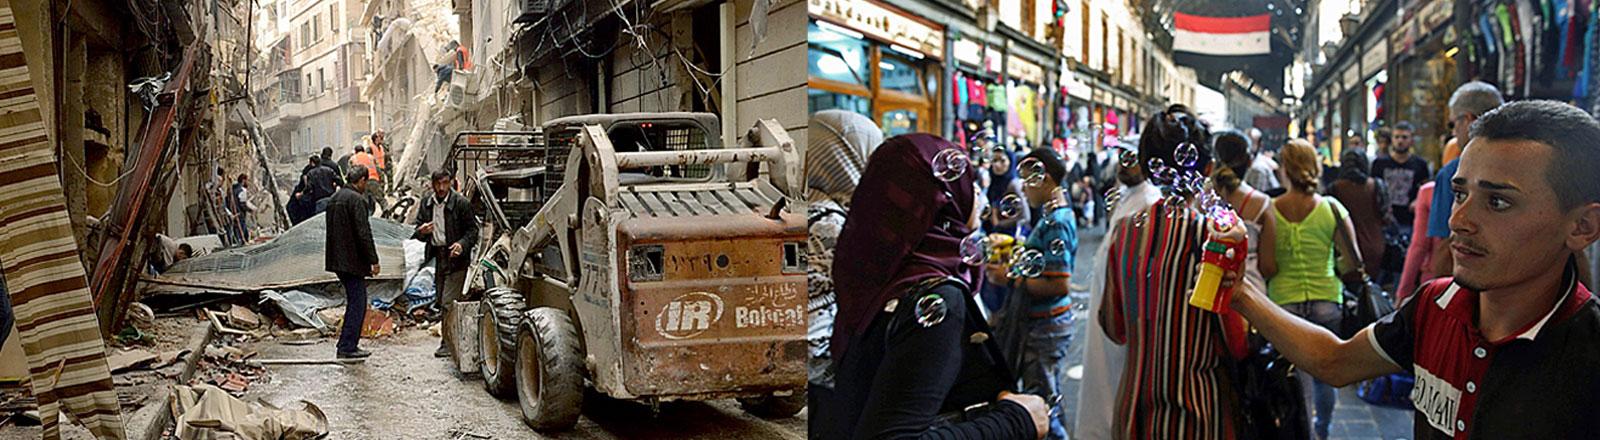 Syrien-Collage: Zerstörungen in Aleppo und Einkaufsstraße in Damaskus